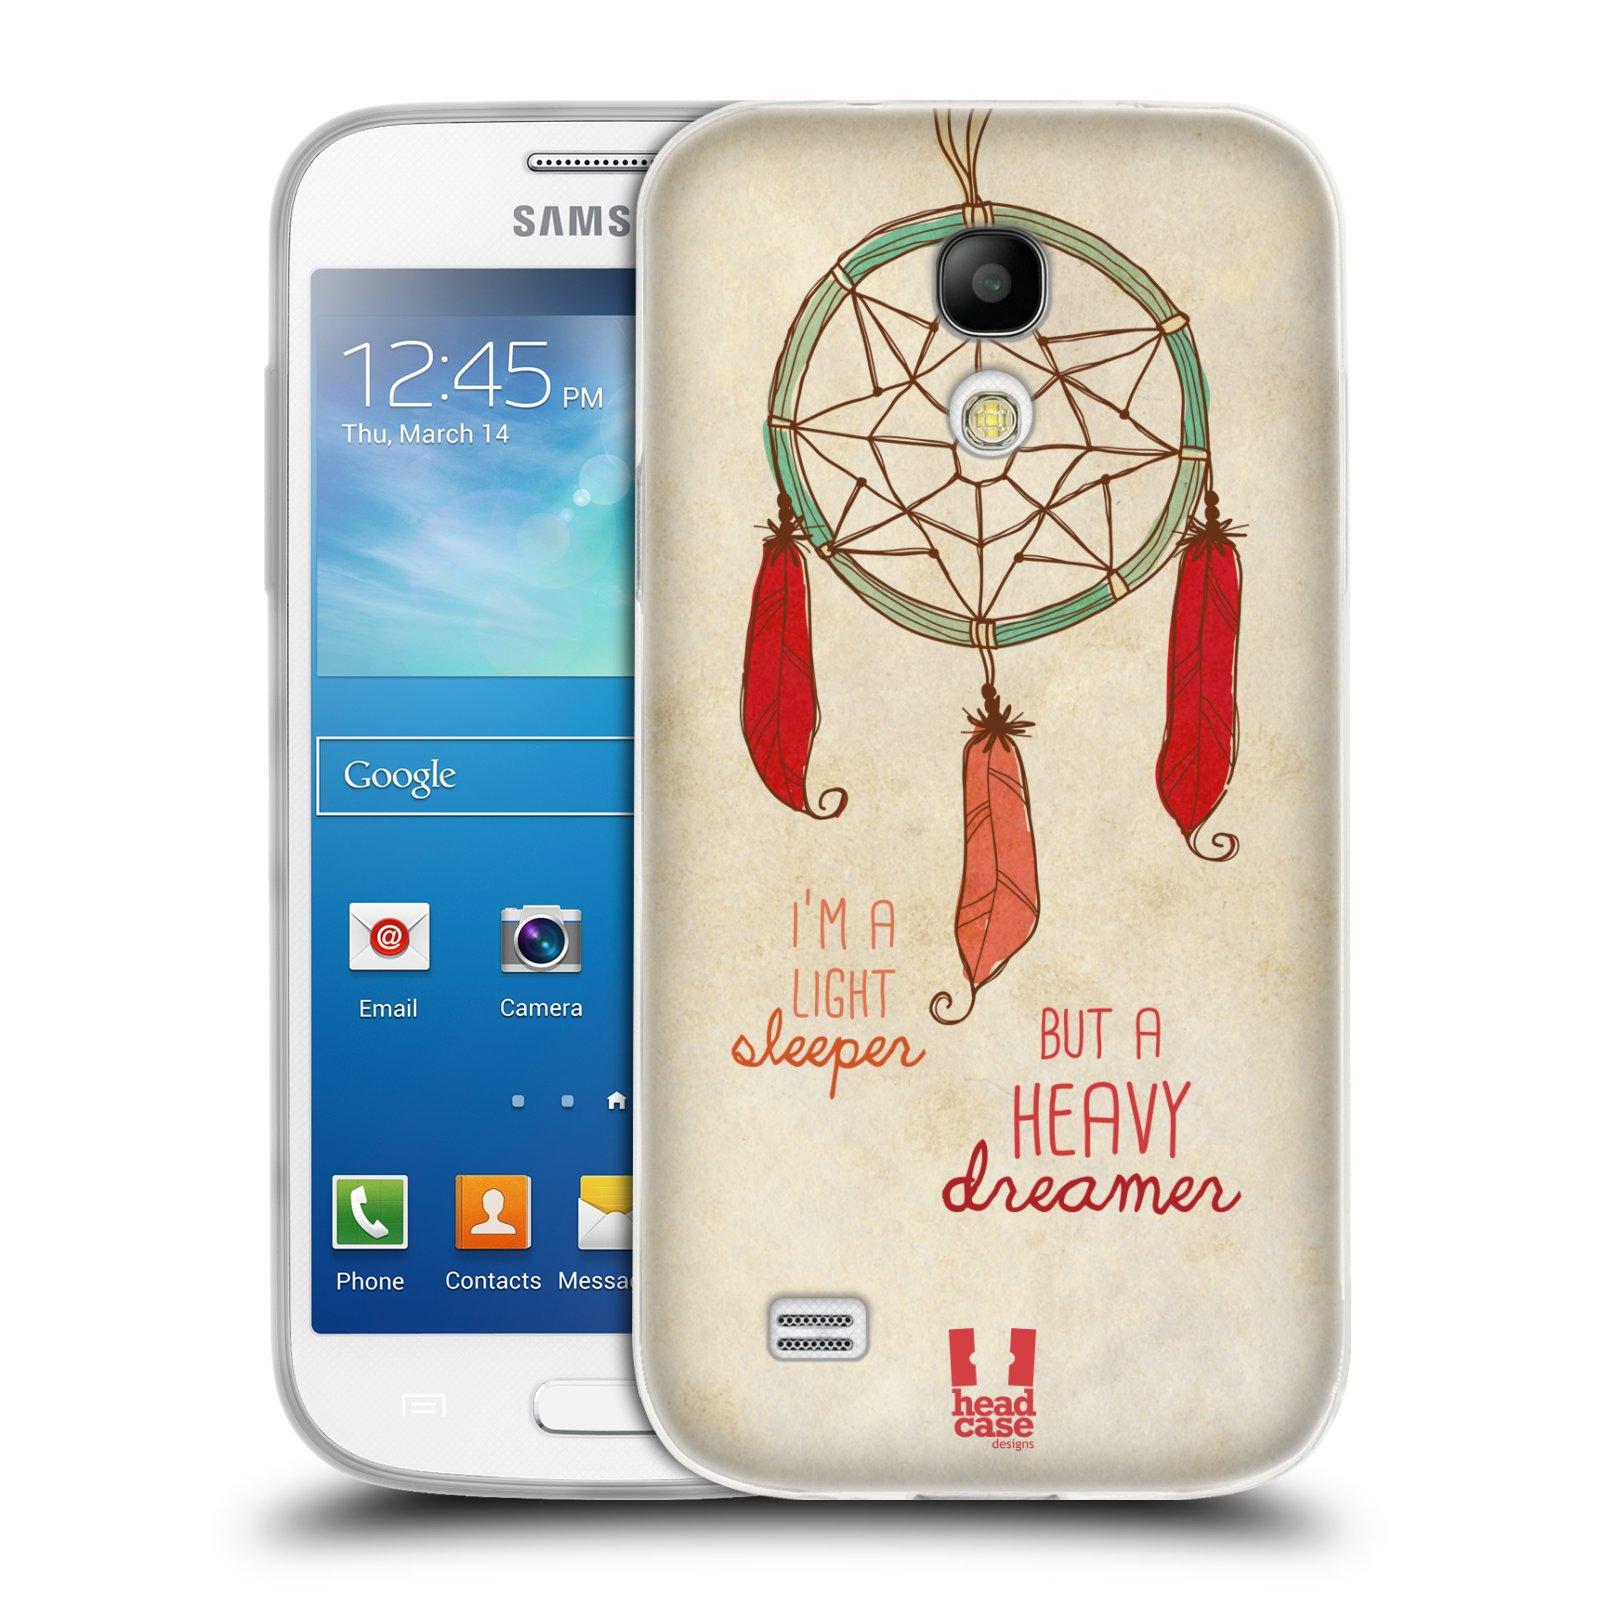 Silikonové pouzdro na mobil Samsung Galaxy S4 Mini HEAD CASE LAPAČ HEAVY DREAMER (Silikonový kryt či obal na mobilní telefon Samsung Galaxy S4 Mini GT-i9195 / i9190 (nepasuje na verzi Black Edition))